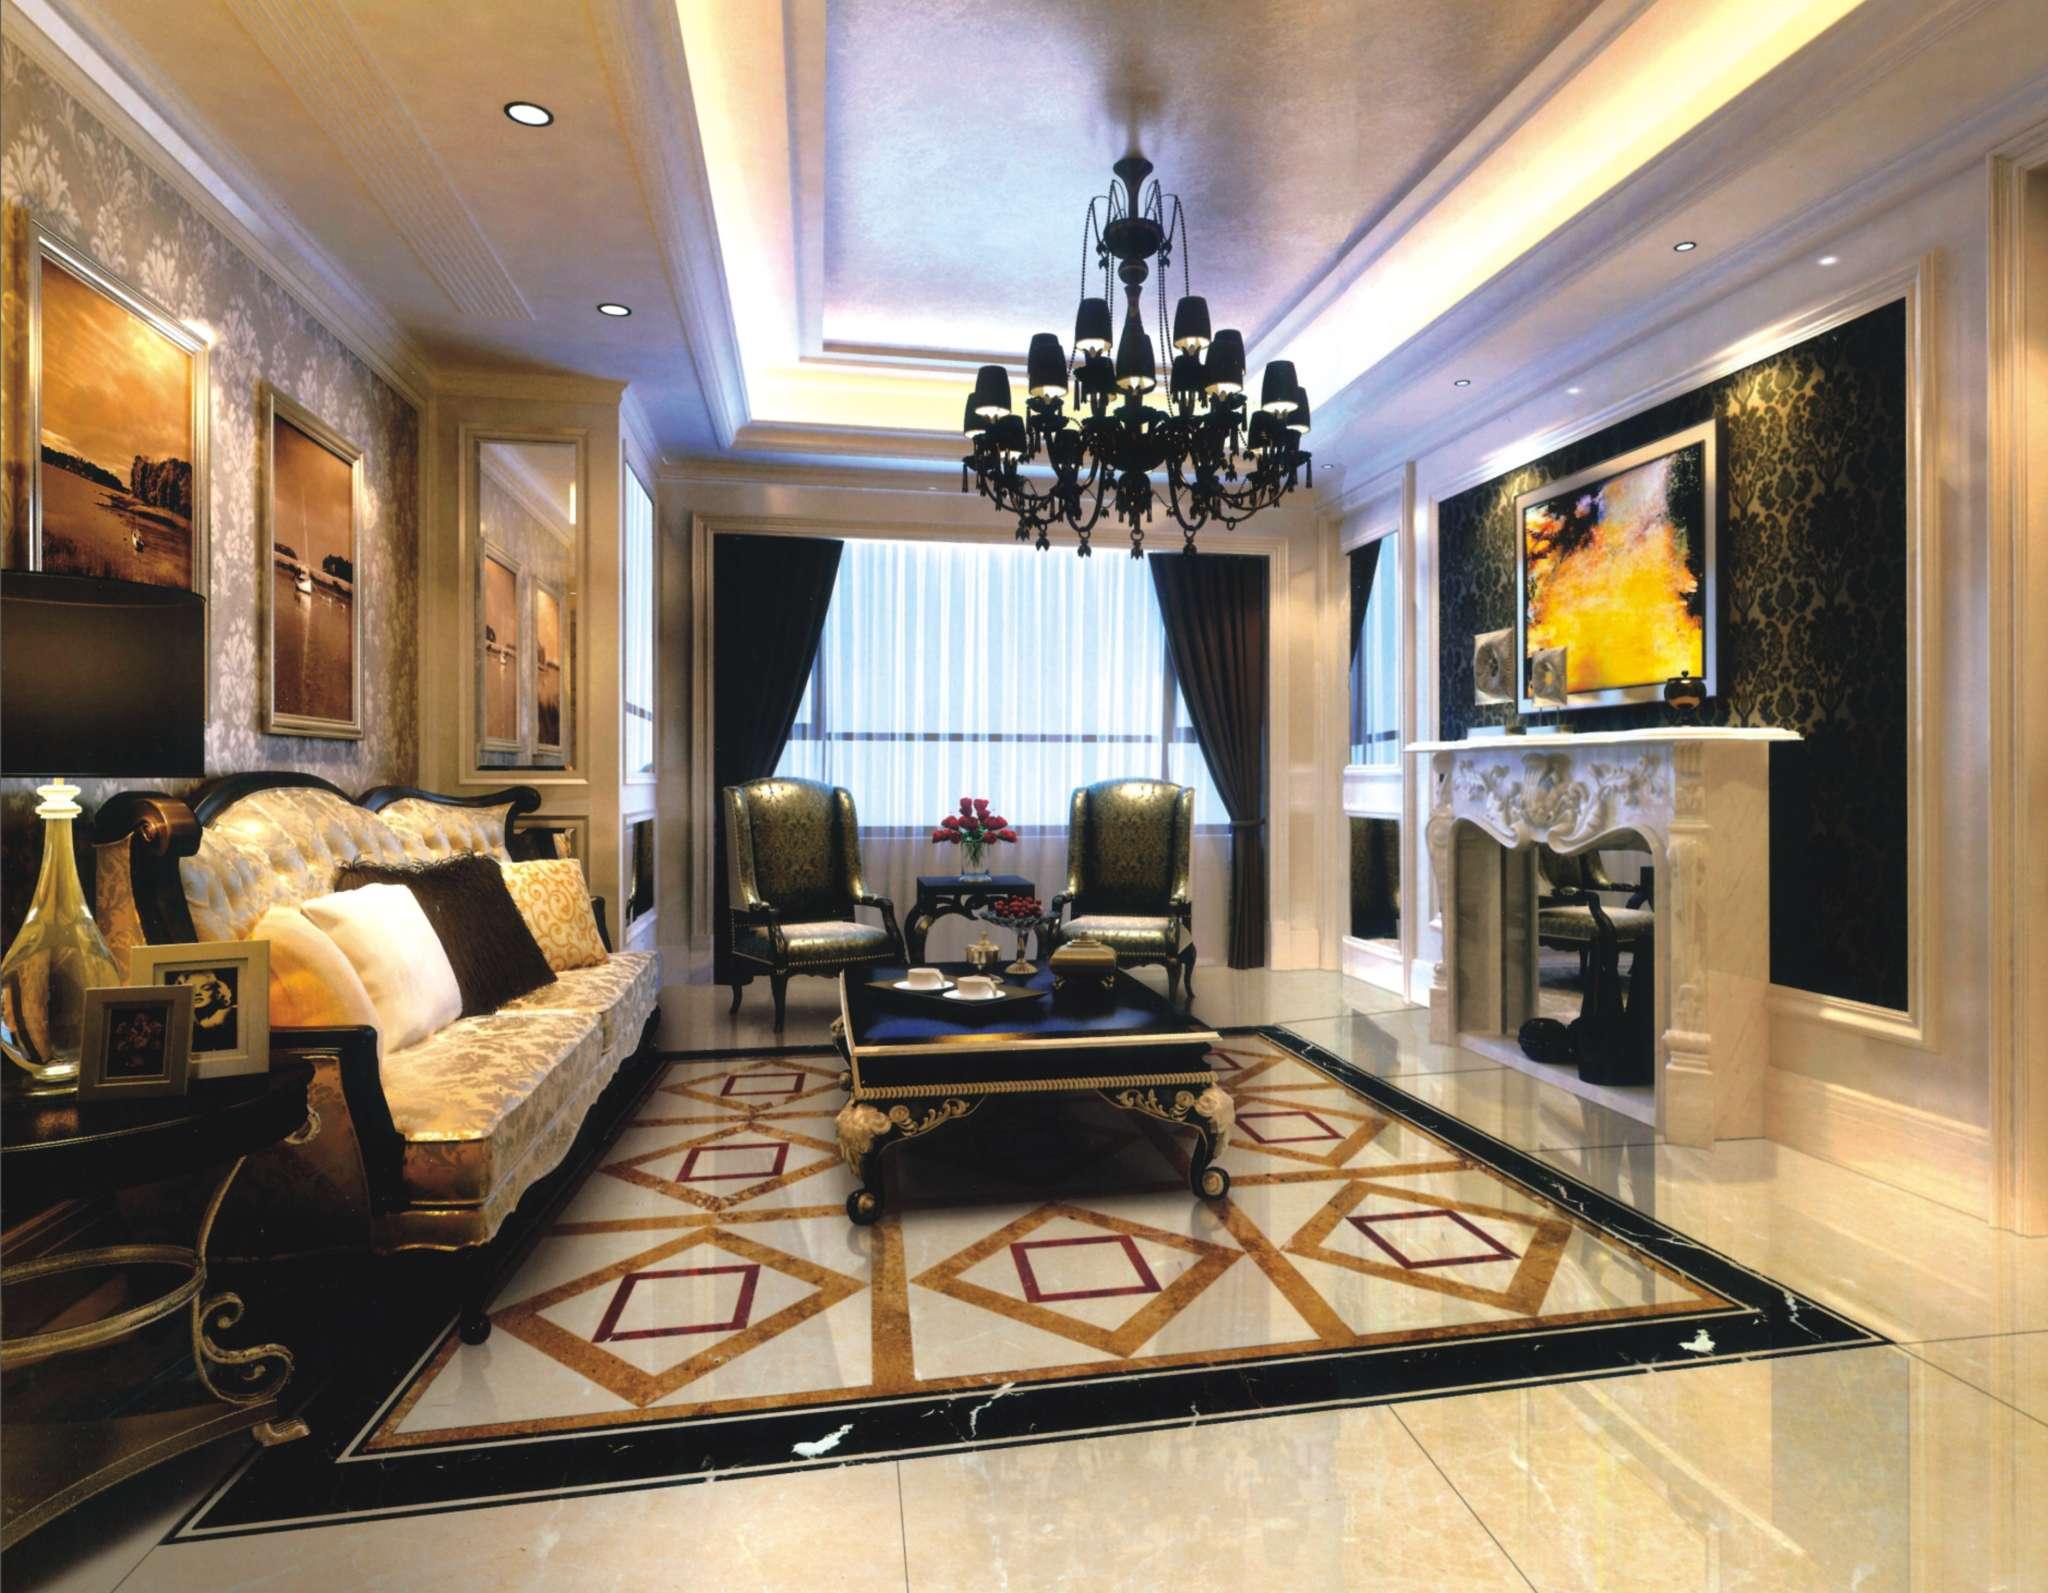 欧式风格客厅地面拼花装修效果图 欧式风格边几图片